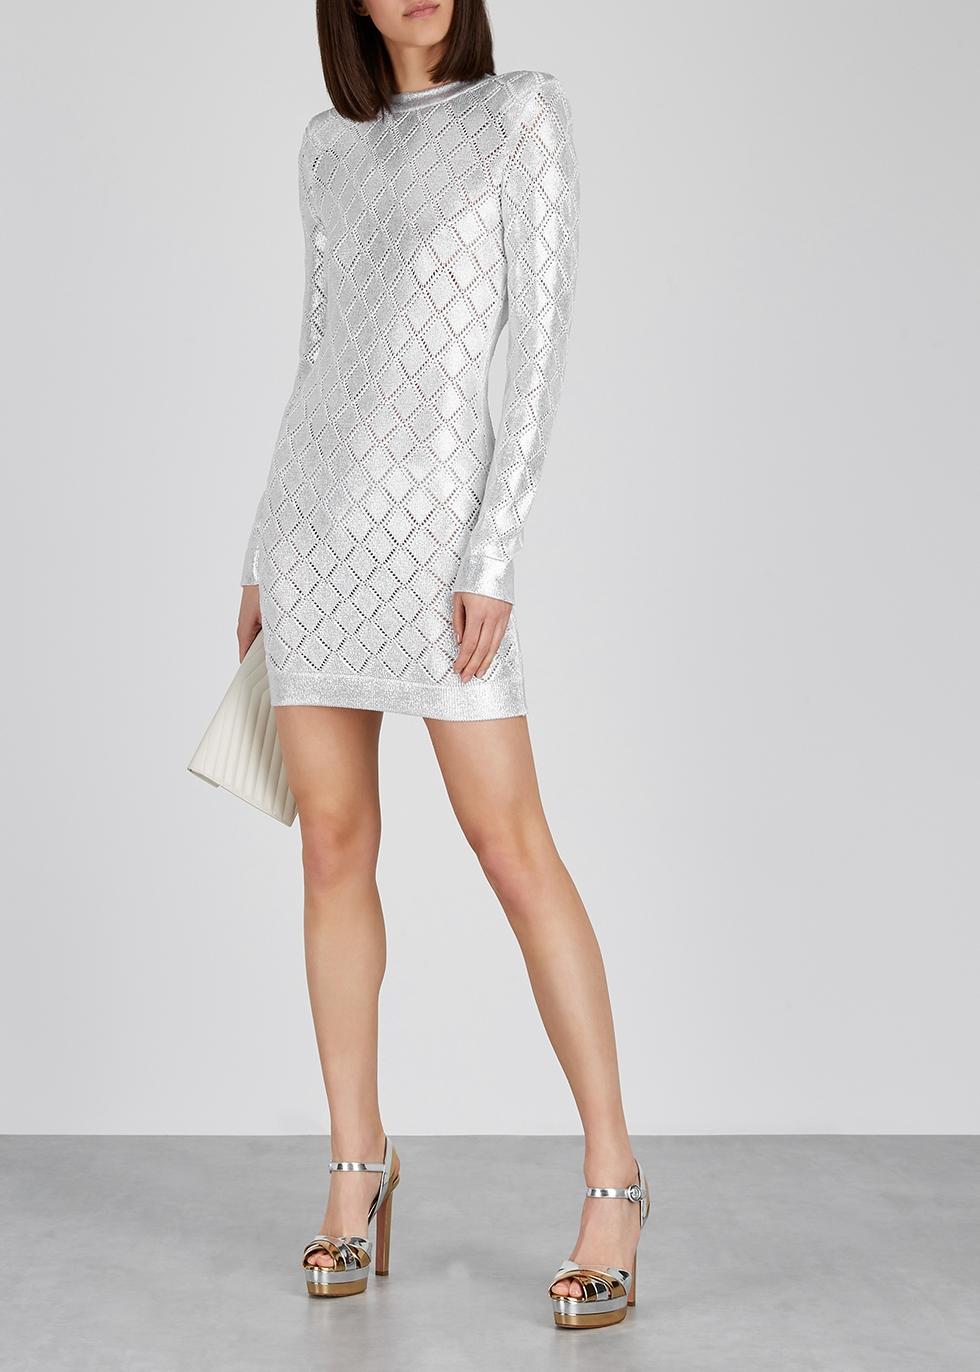 Silver stretch-knit mini dress - Balmain